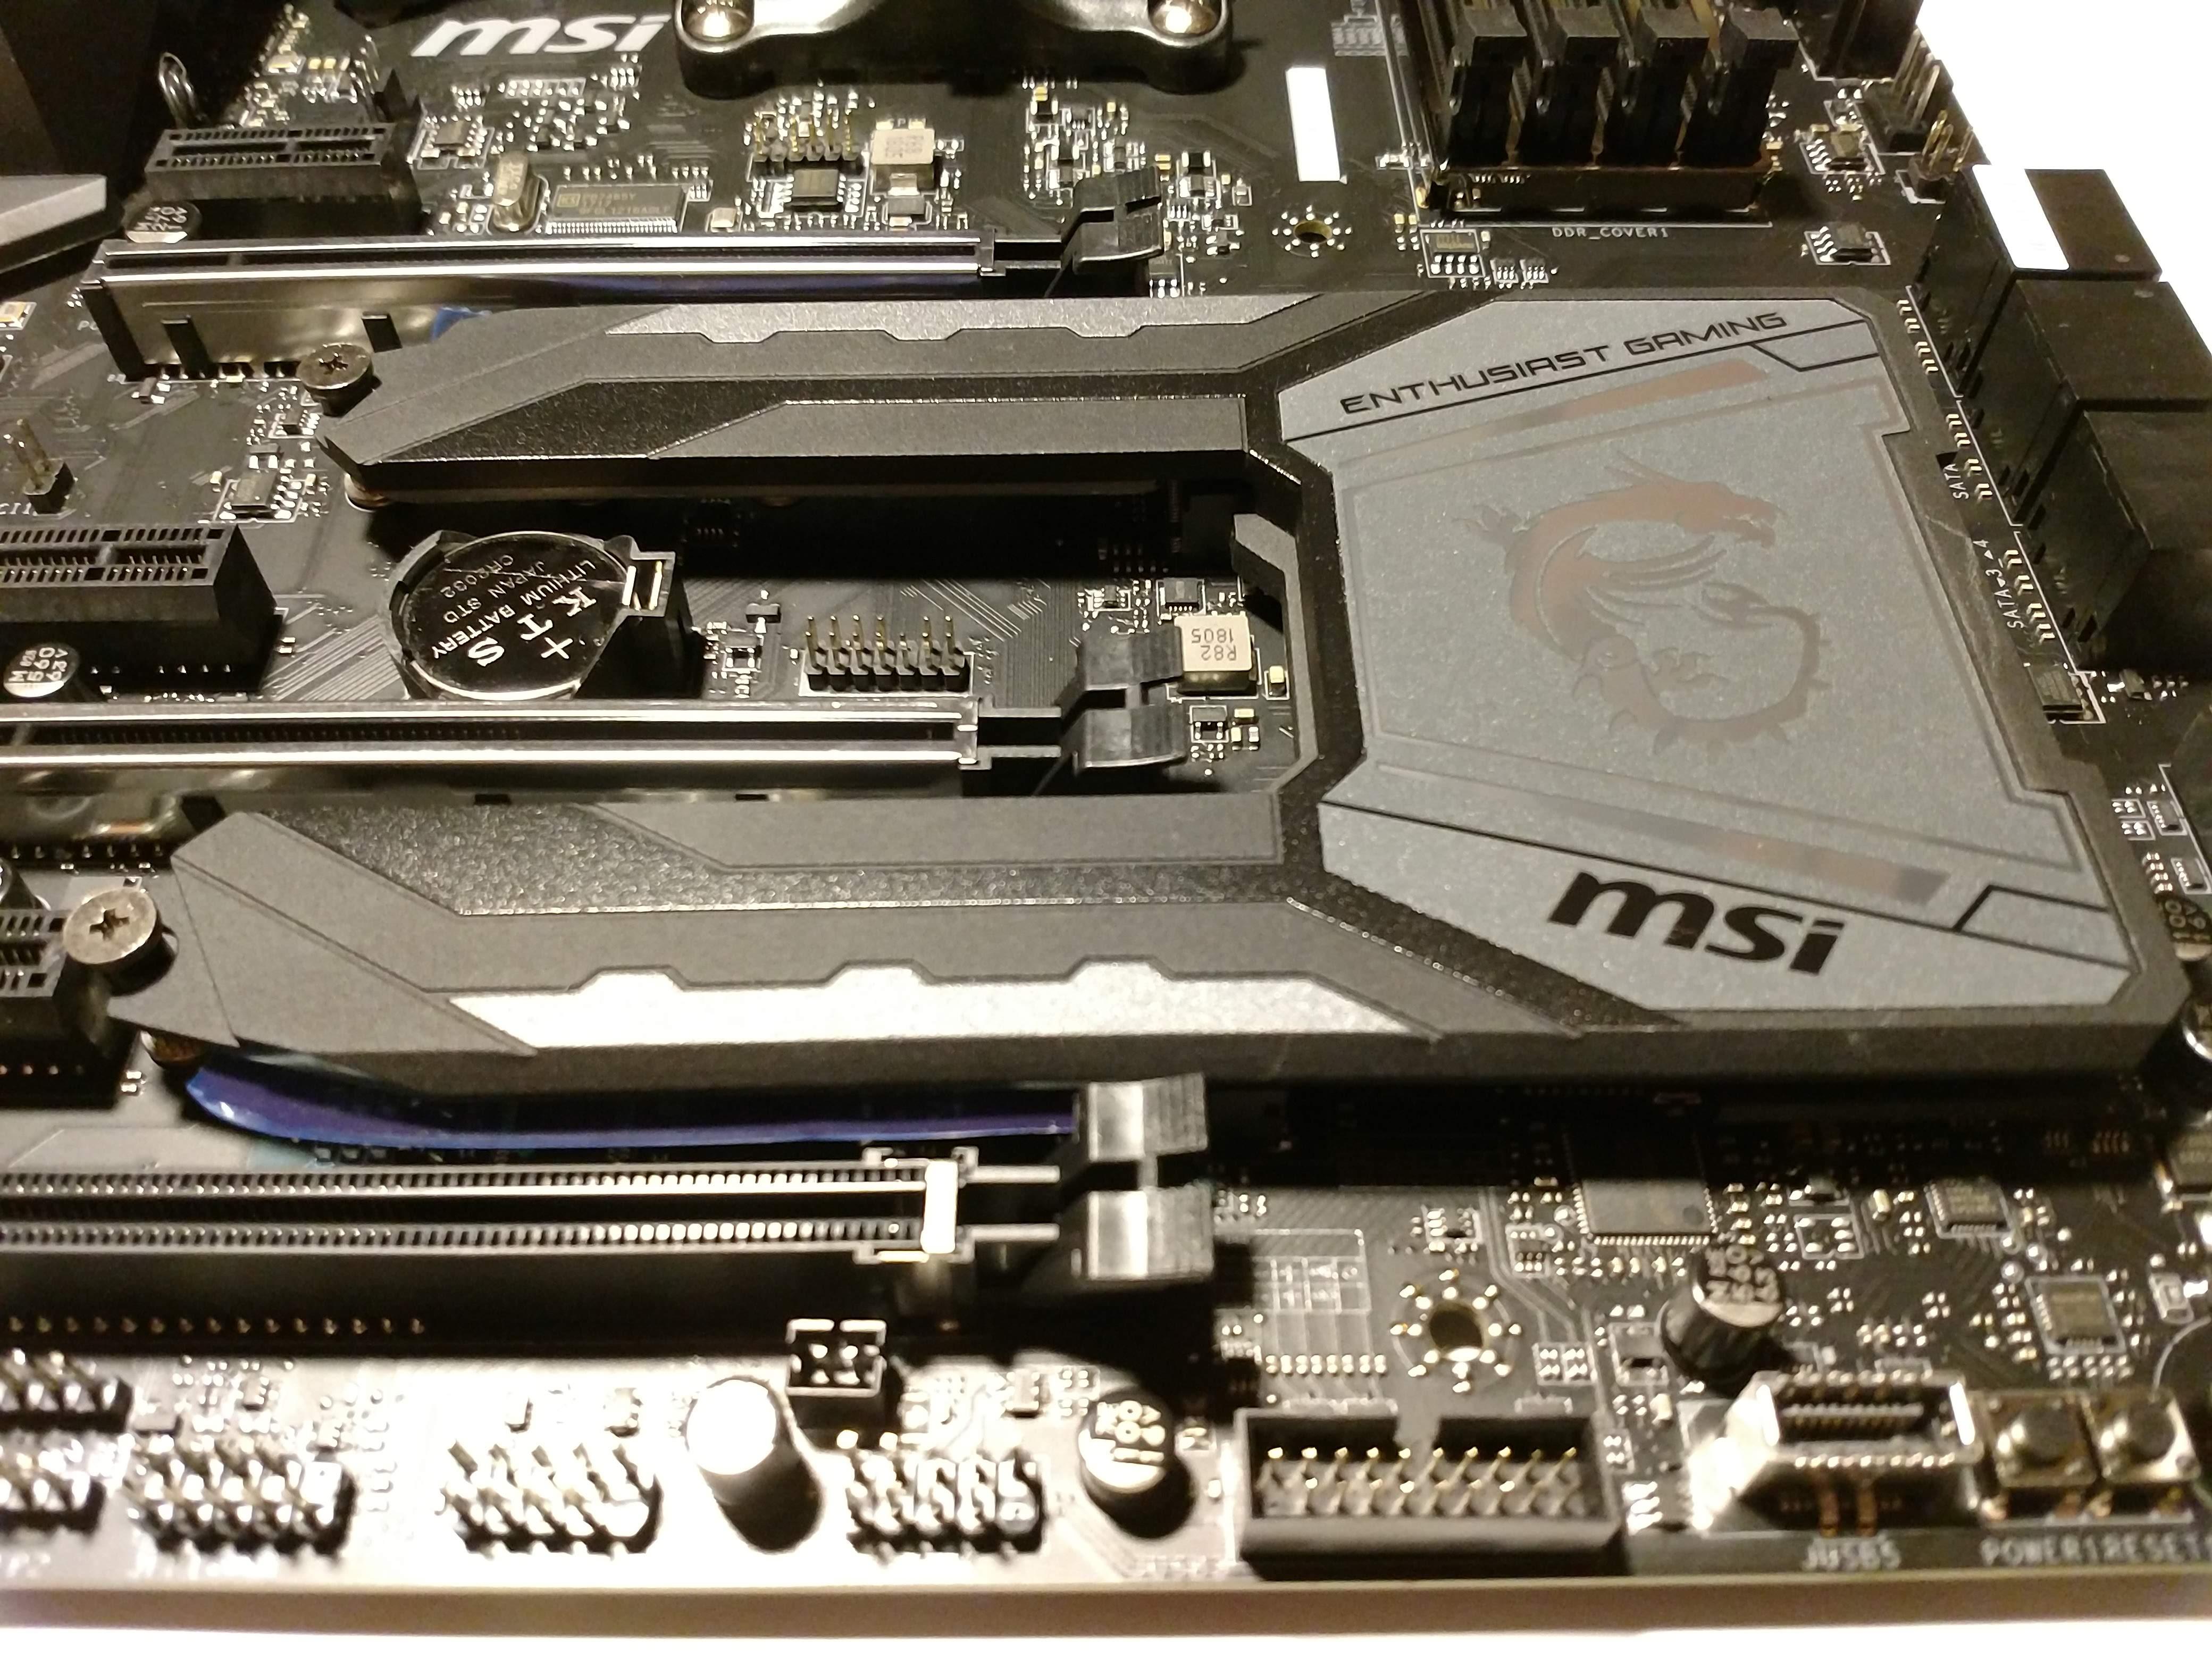 Klicken Sie auf die Grafik für eine größere Ansicht  Name:38. MSI X470 Gaming M7 AC M.2 SHIELD FROZR.jpg Hits:43 Größe:1,06 MB ID:1000589